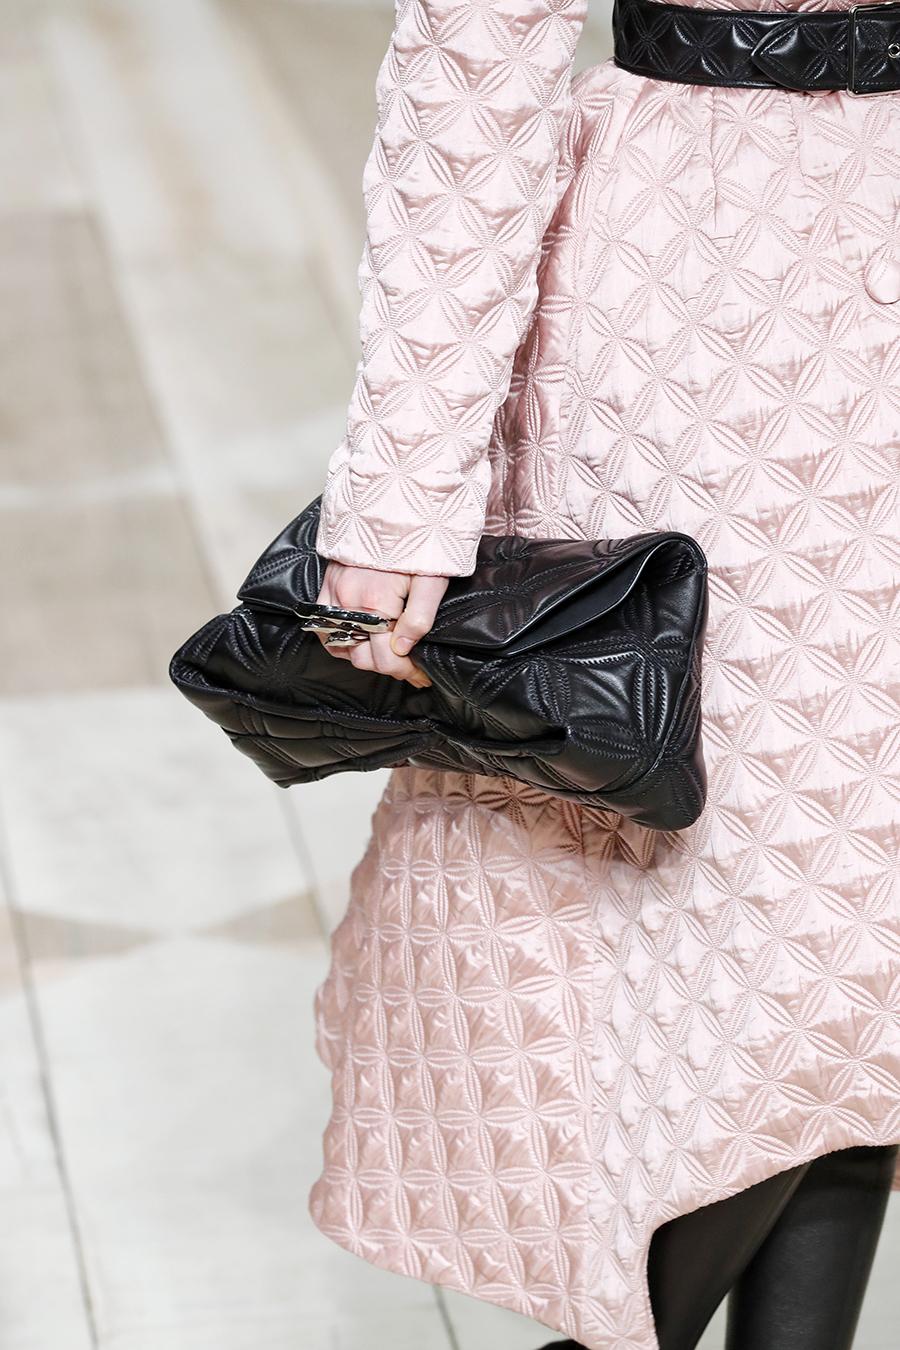 модная сумка мягкий большой клатч осень зима 2020 2021 черный стеганый